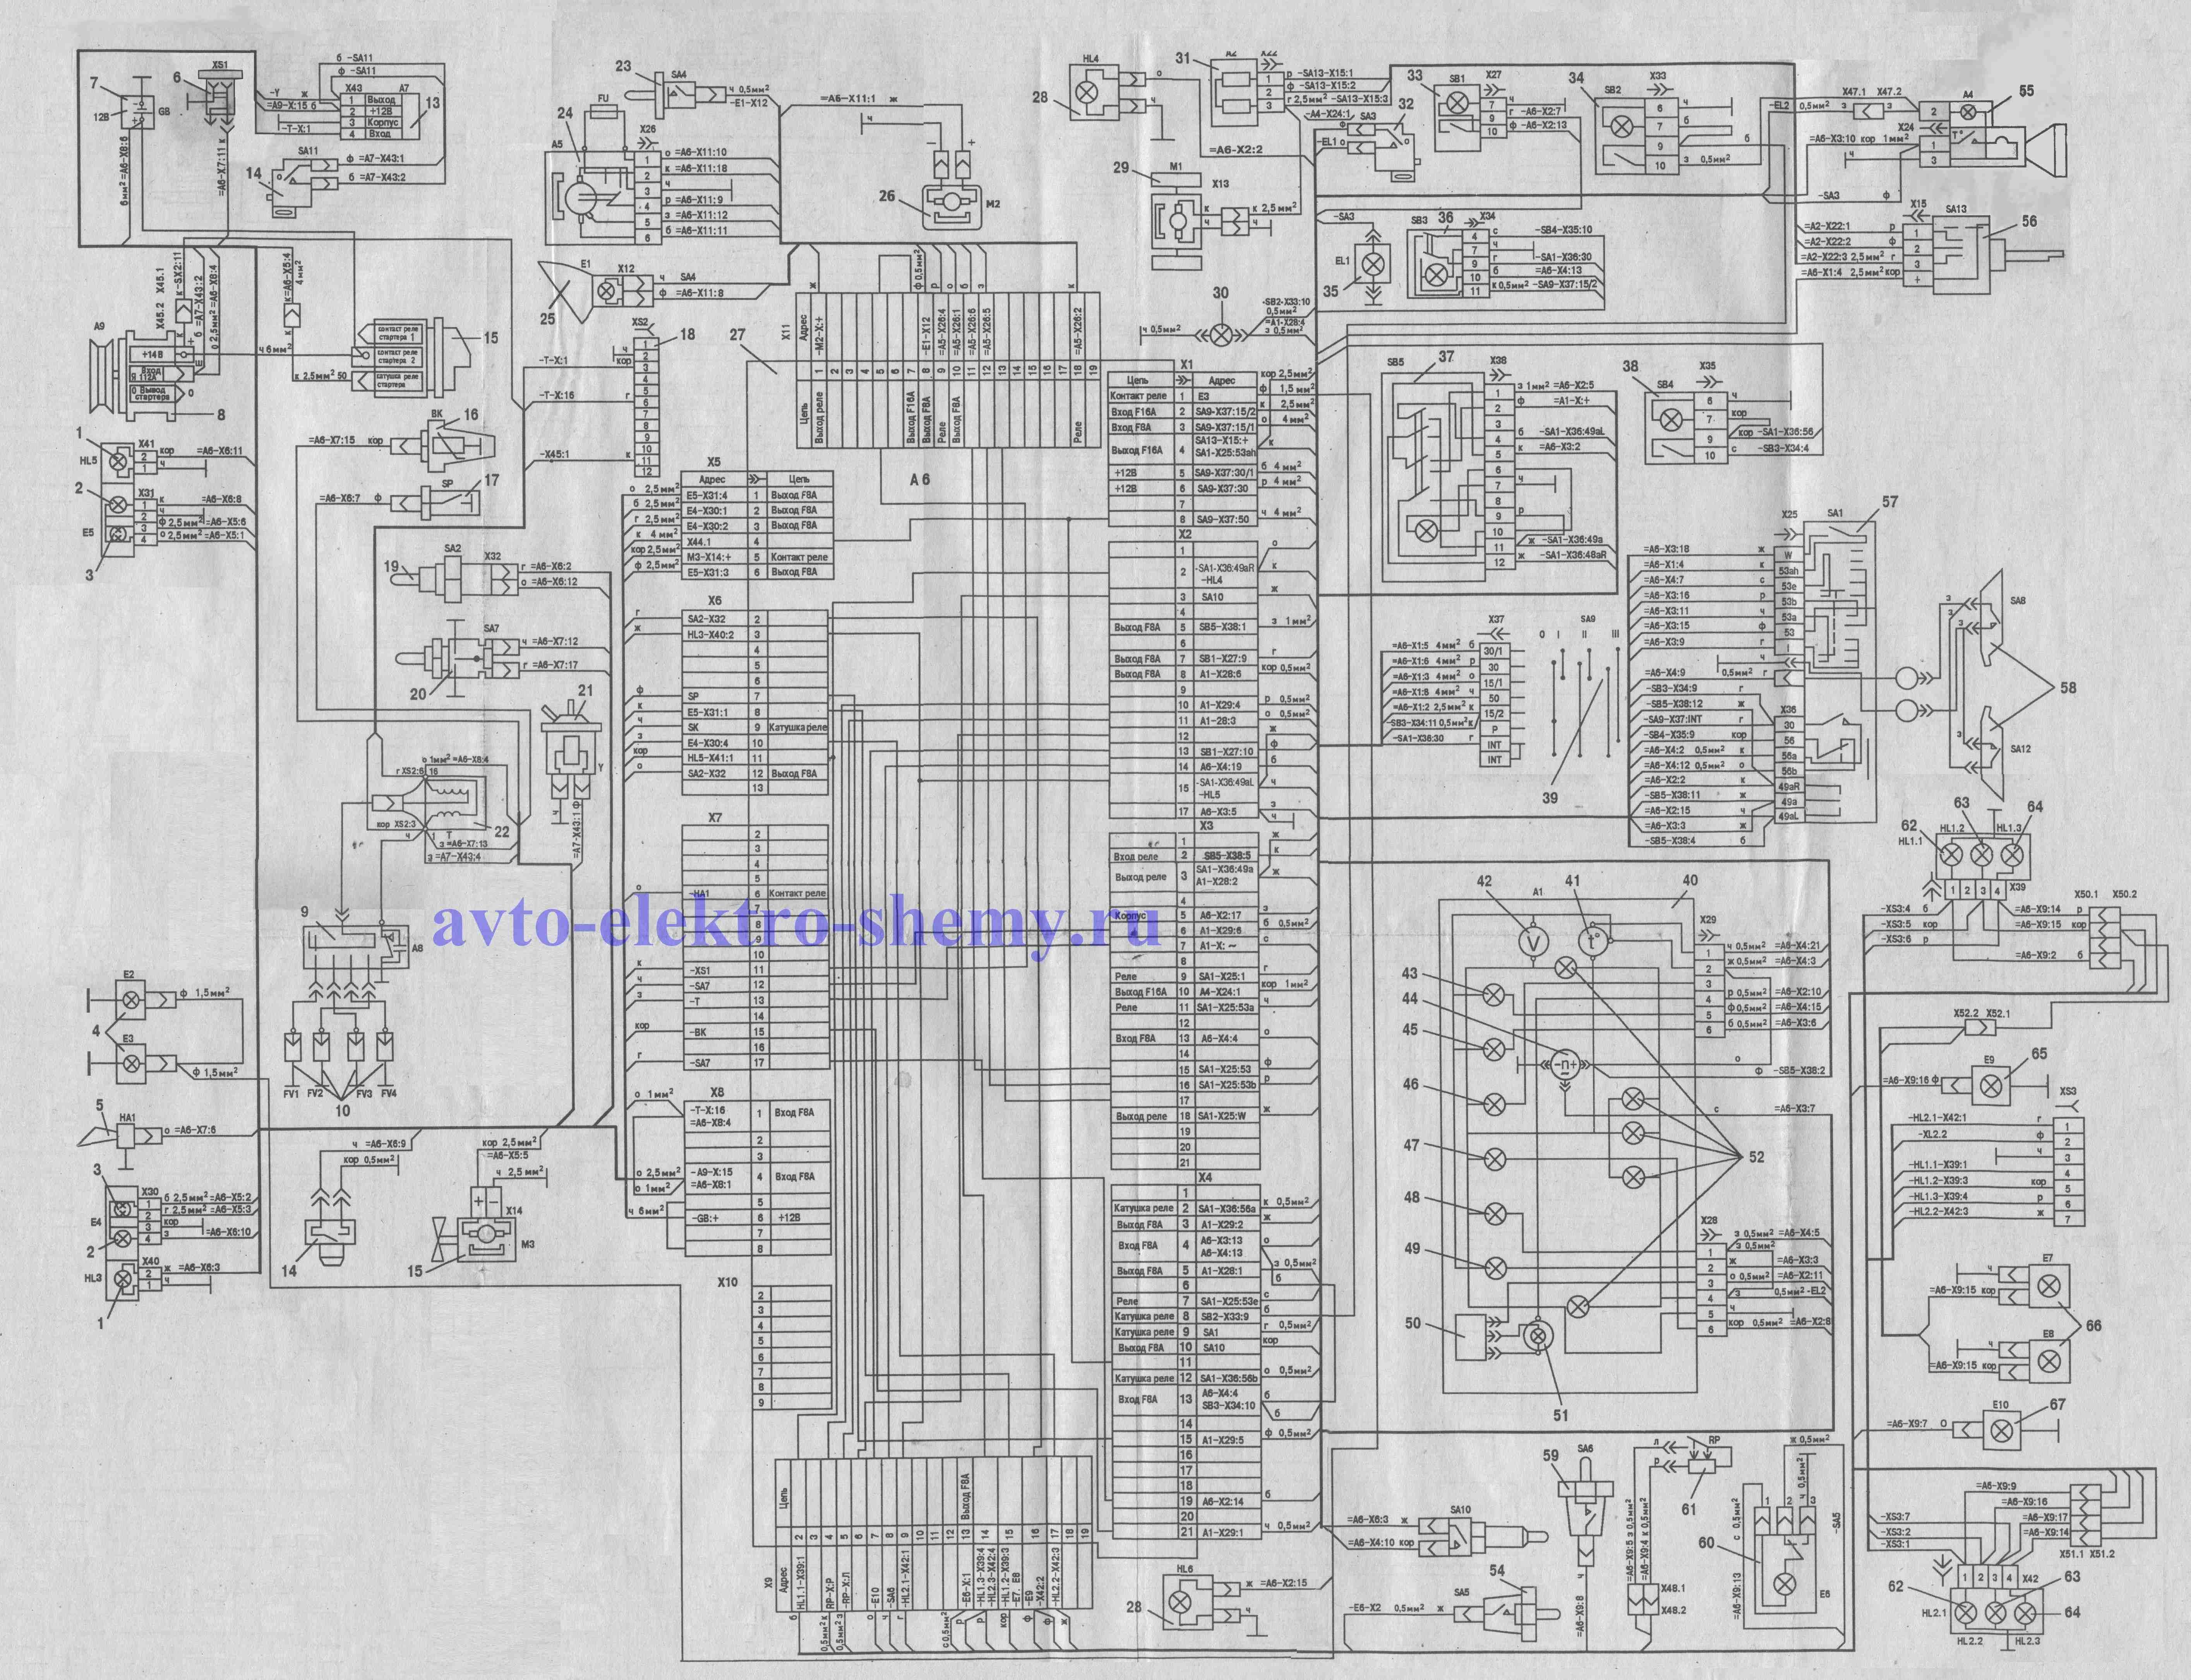 shema-elektrooborudovaniya-avtomobilya-azlk-23352